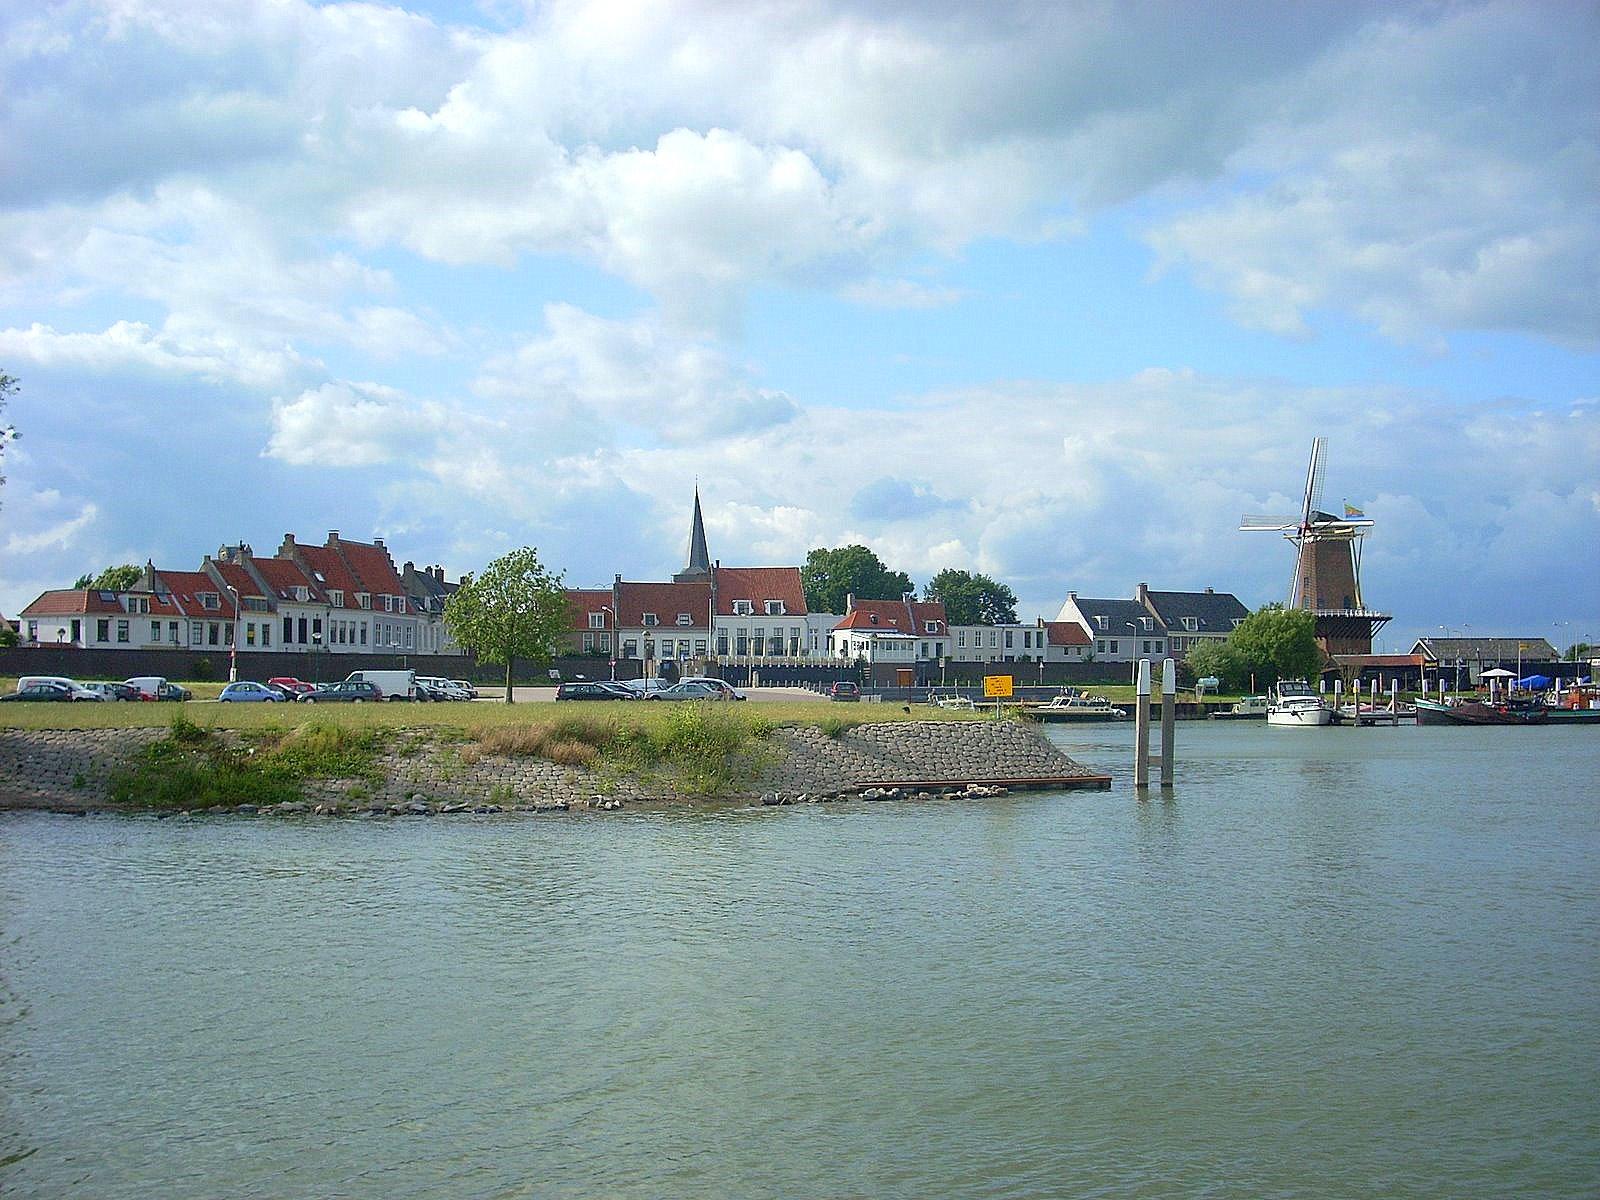 Approaching Wijk bij Duurstede